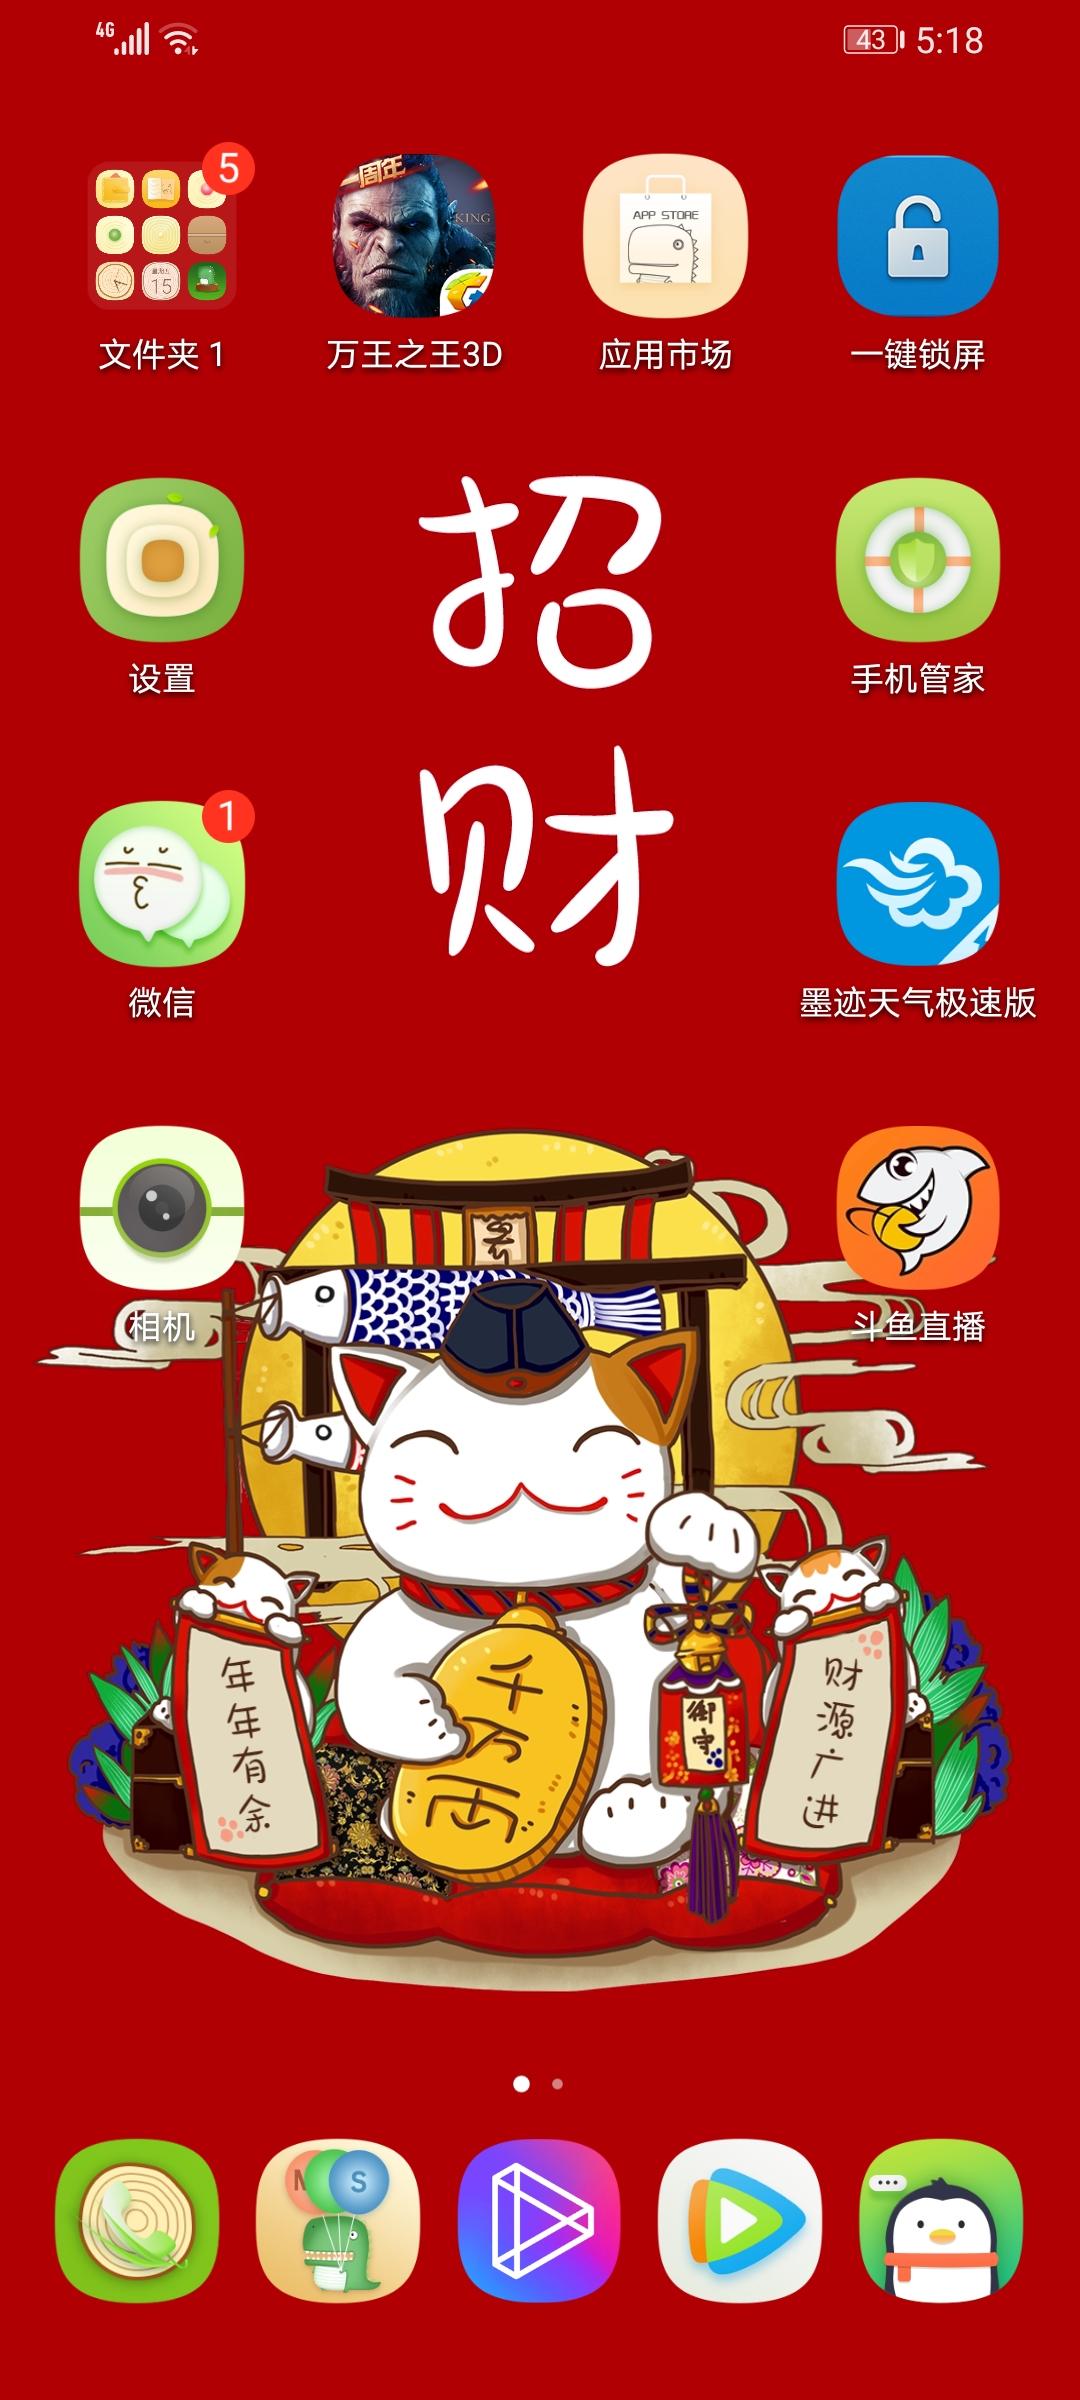 Screenshot_20200515_171804_com.huawei.android.launcher.jpg